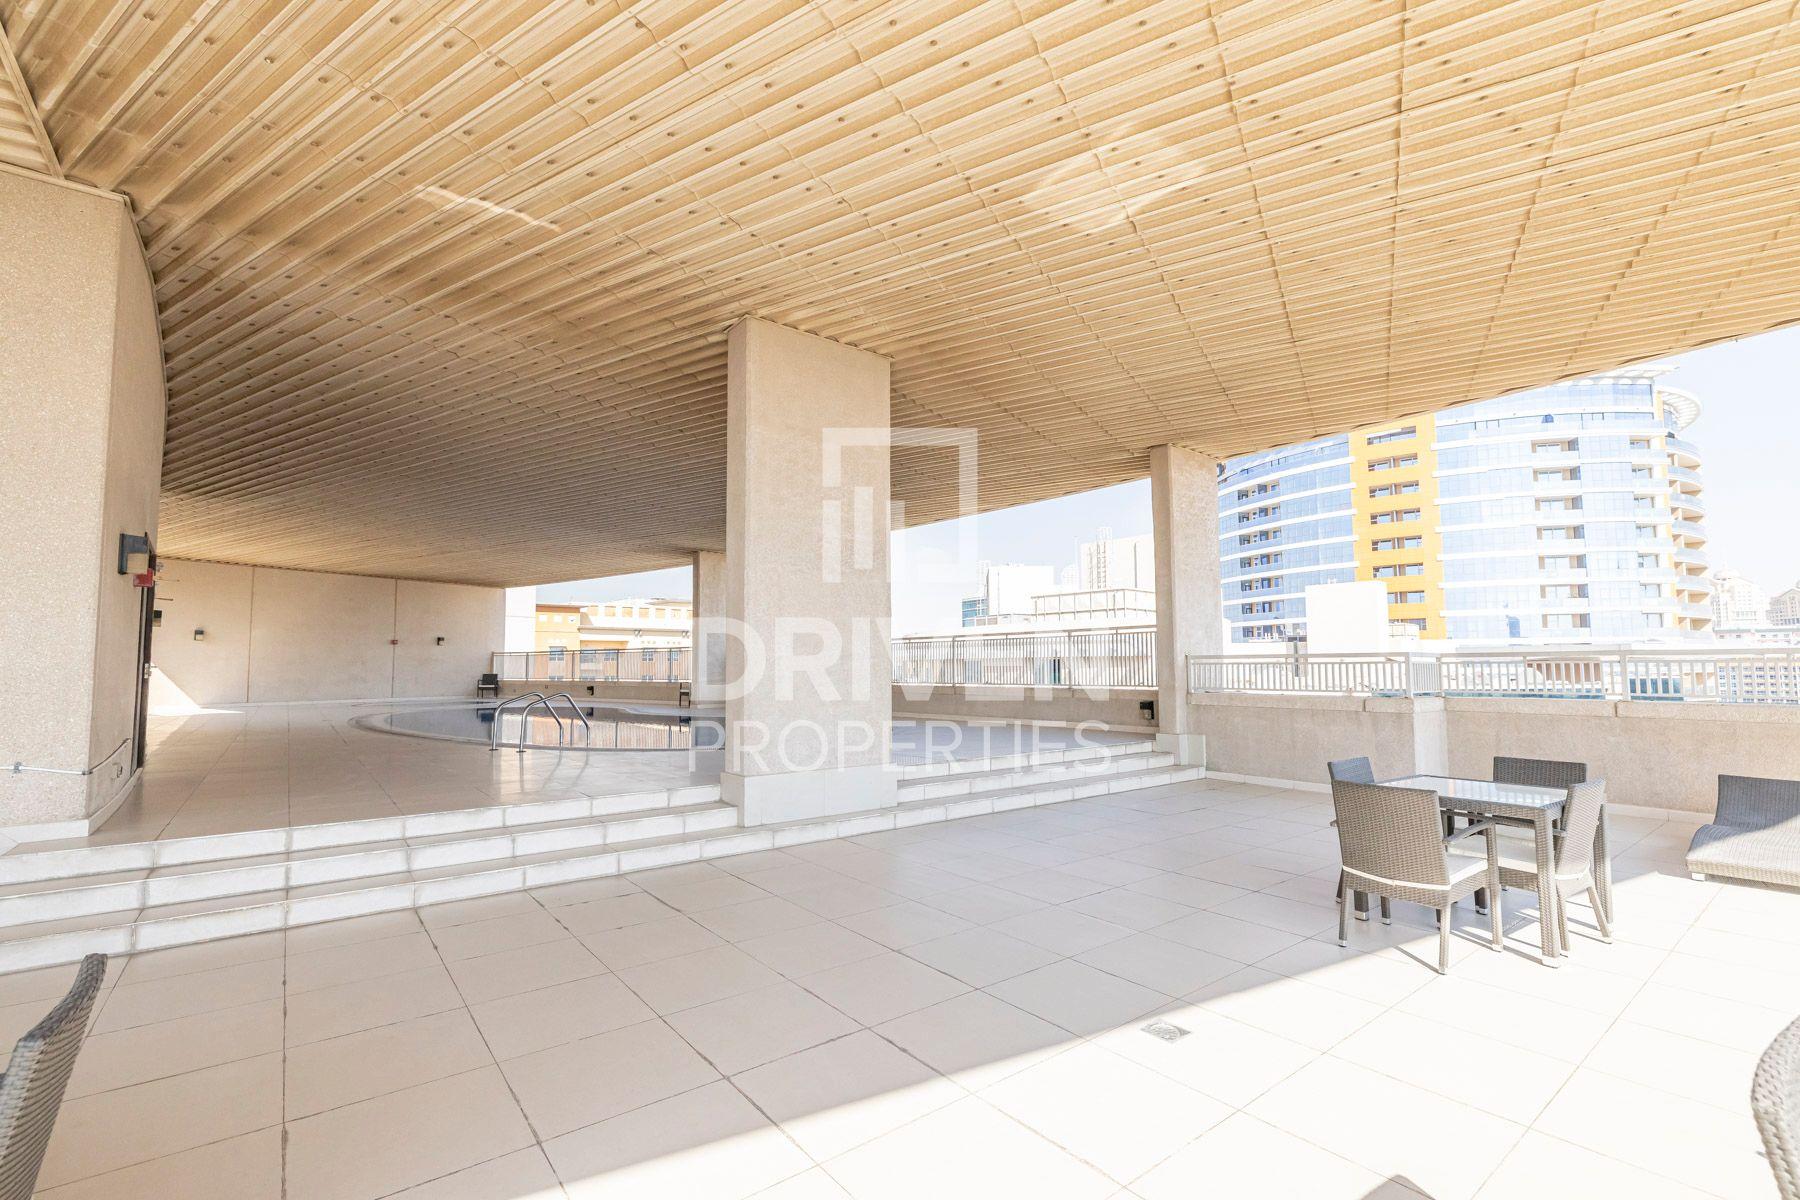 للايجار - شقة - سيليكون رزدنس API - واحة السيليكون